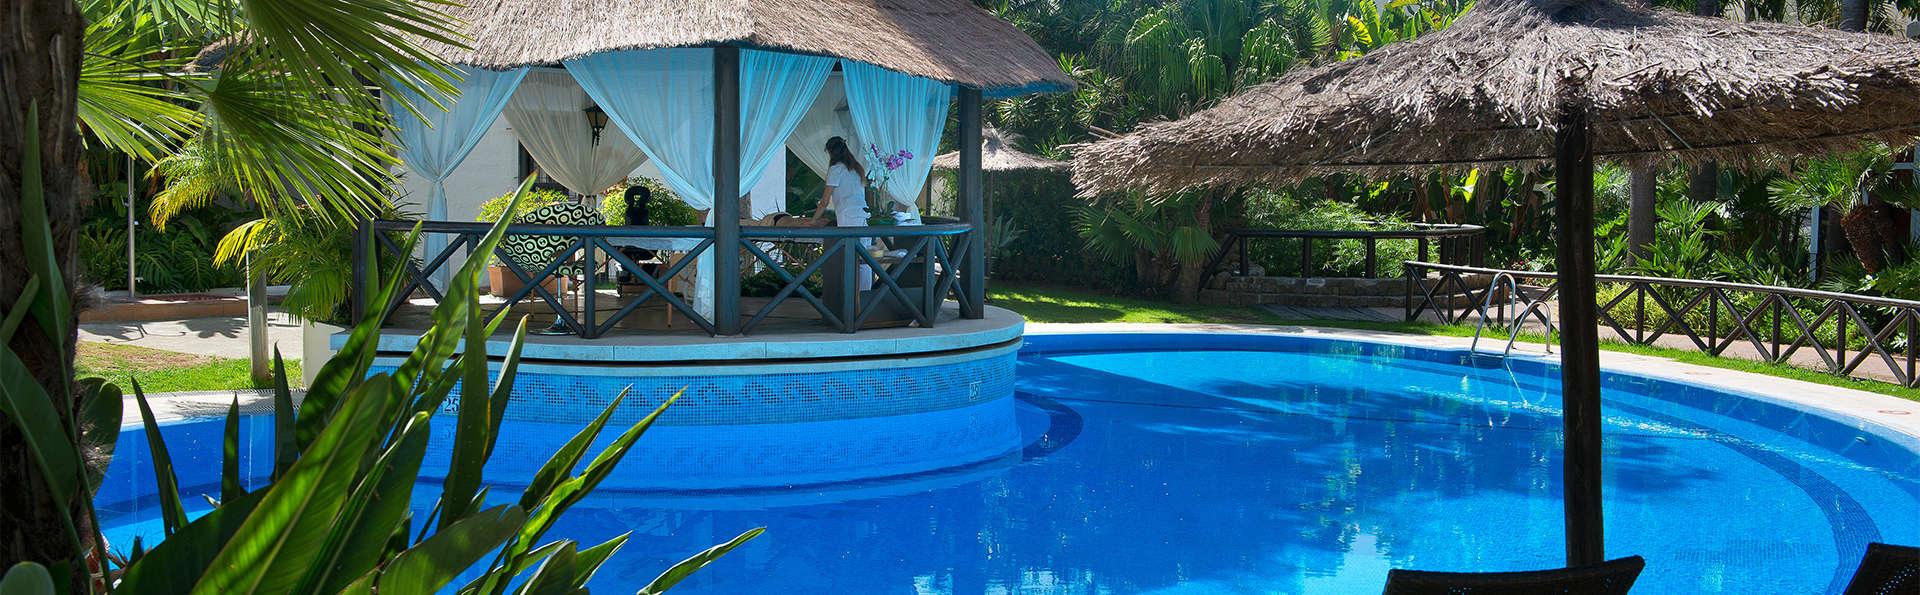 Profitez de l'été en demi-pension sur la Costa del Sol avec une bouteille de cava incluse.